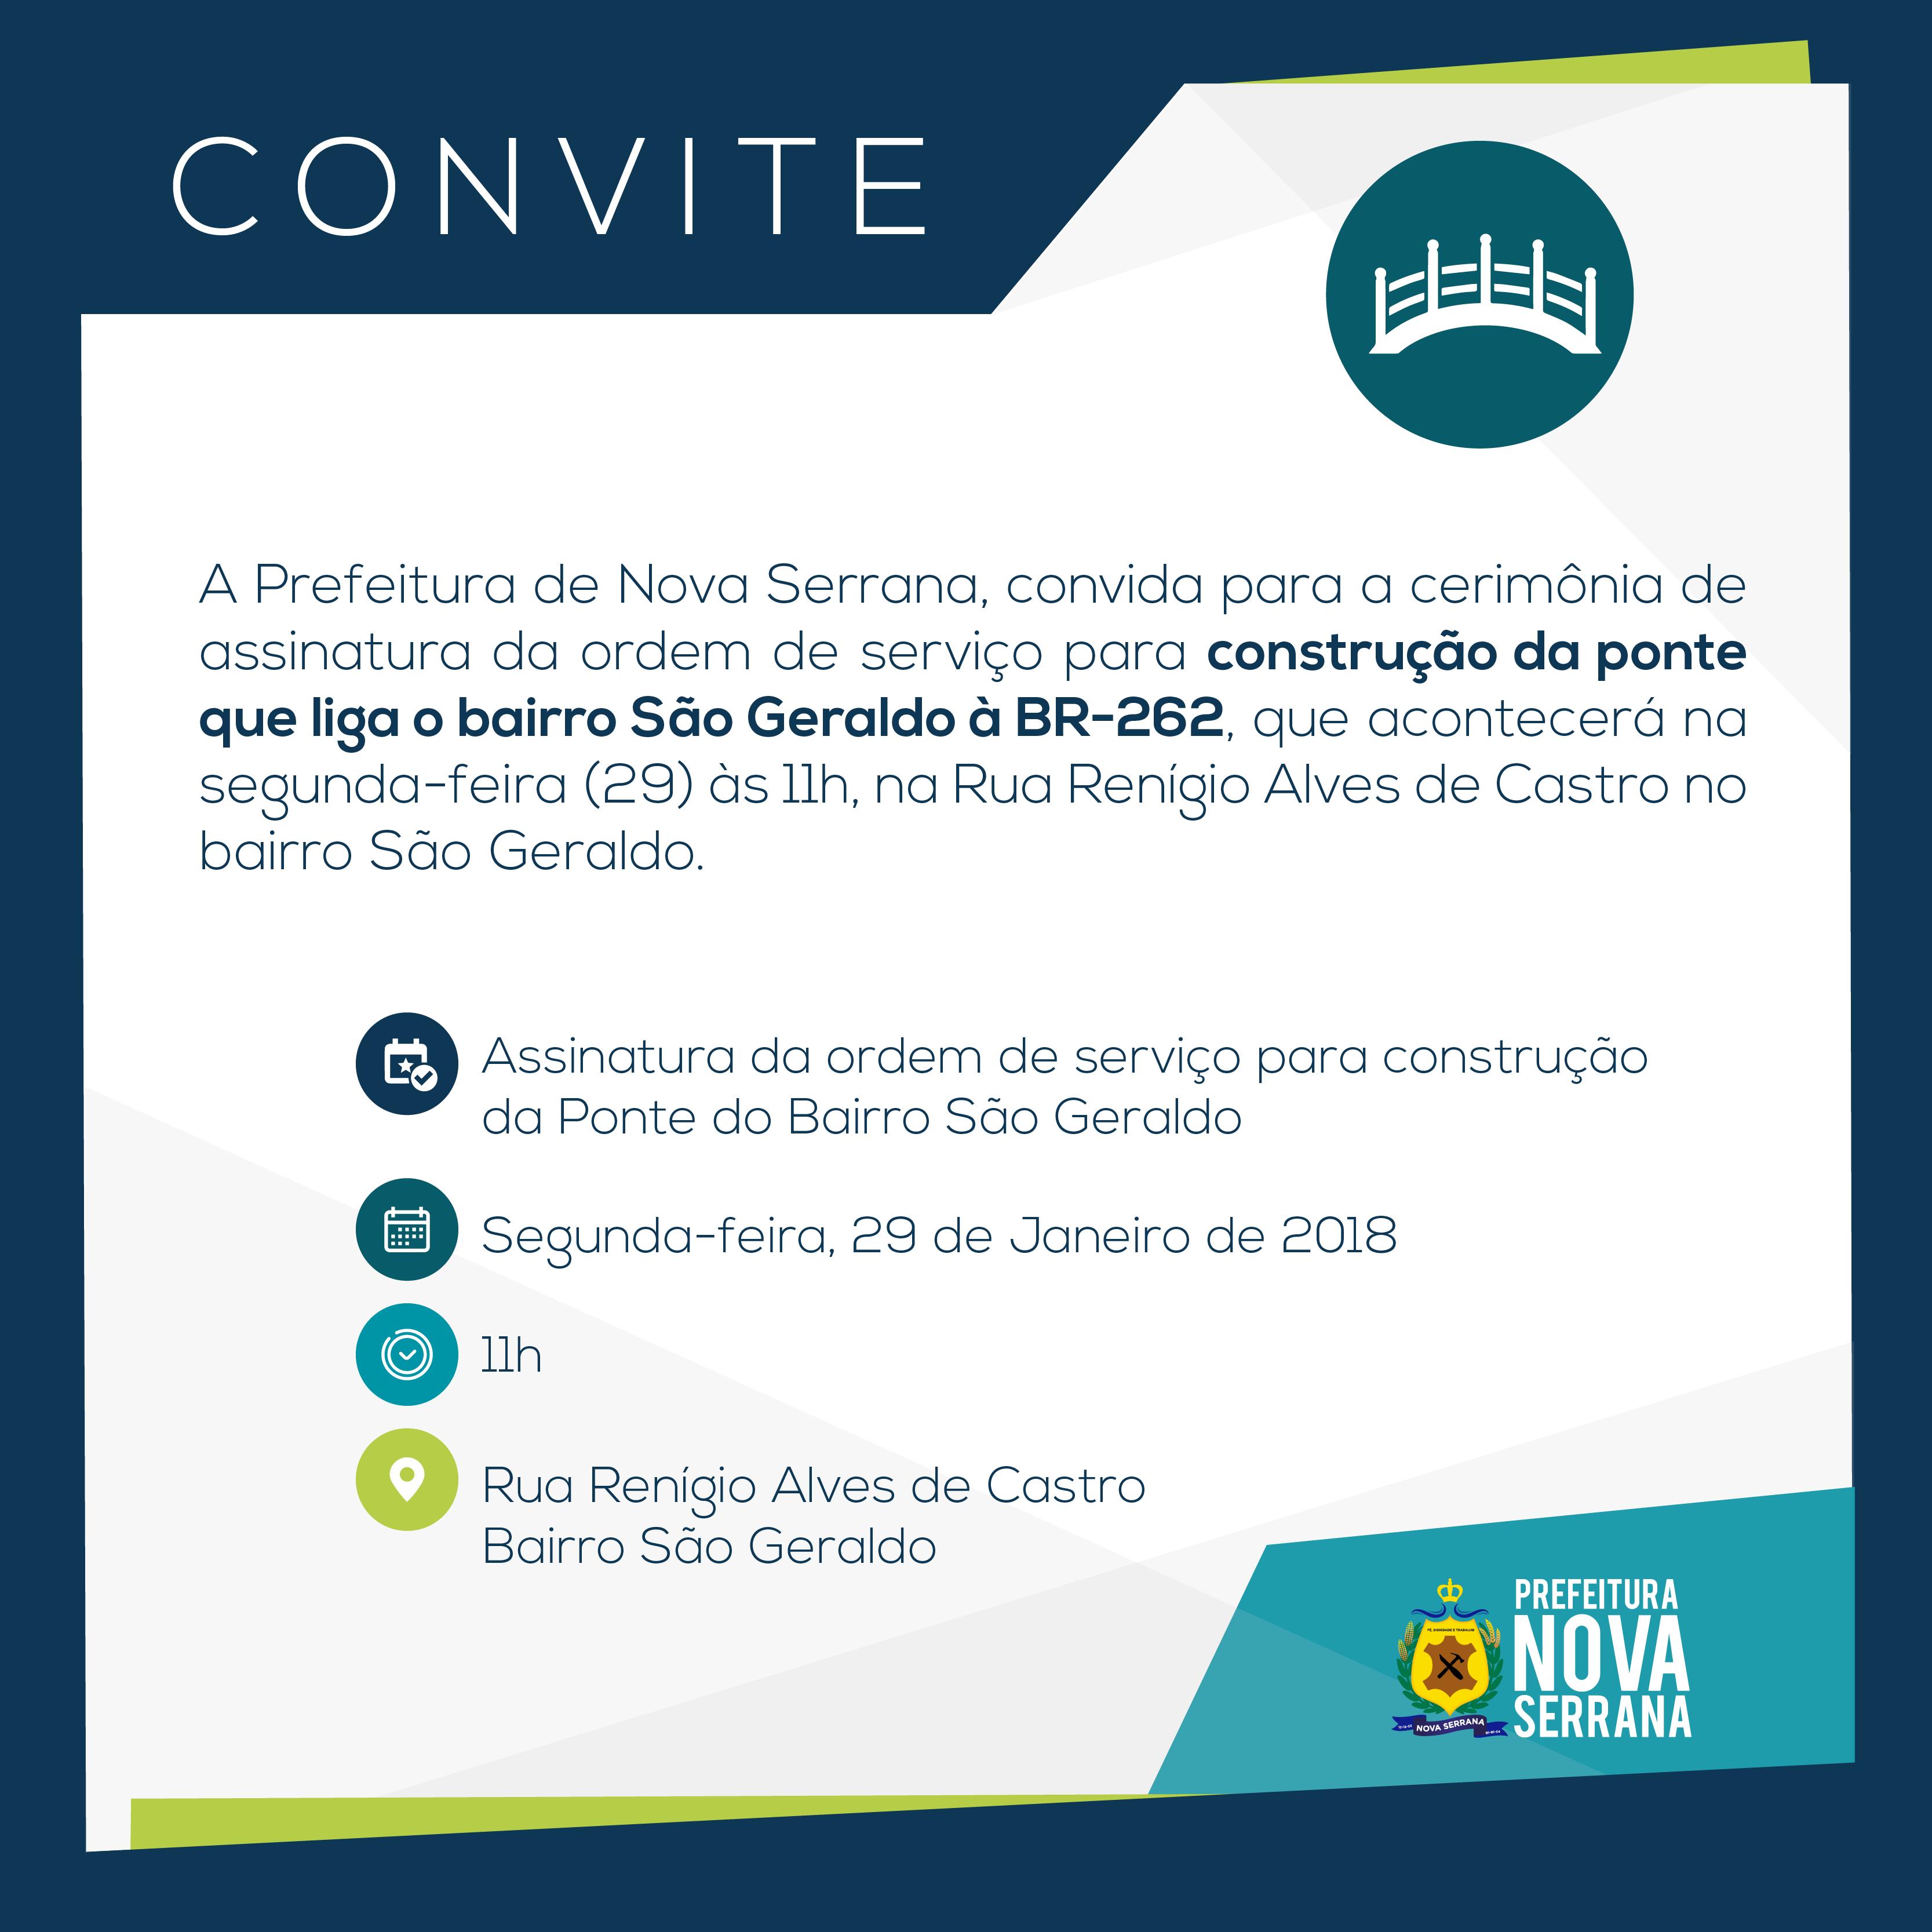 Convite_Assinatura_Ponte_Sao_Geraldo_FB-01